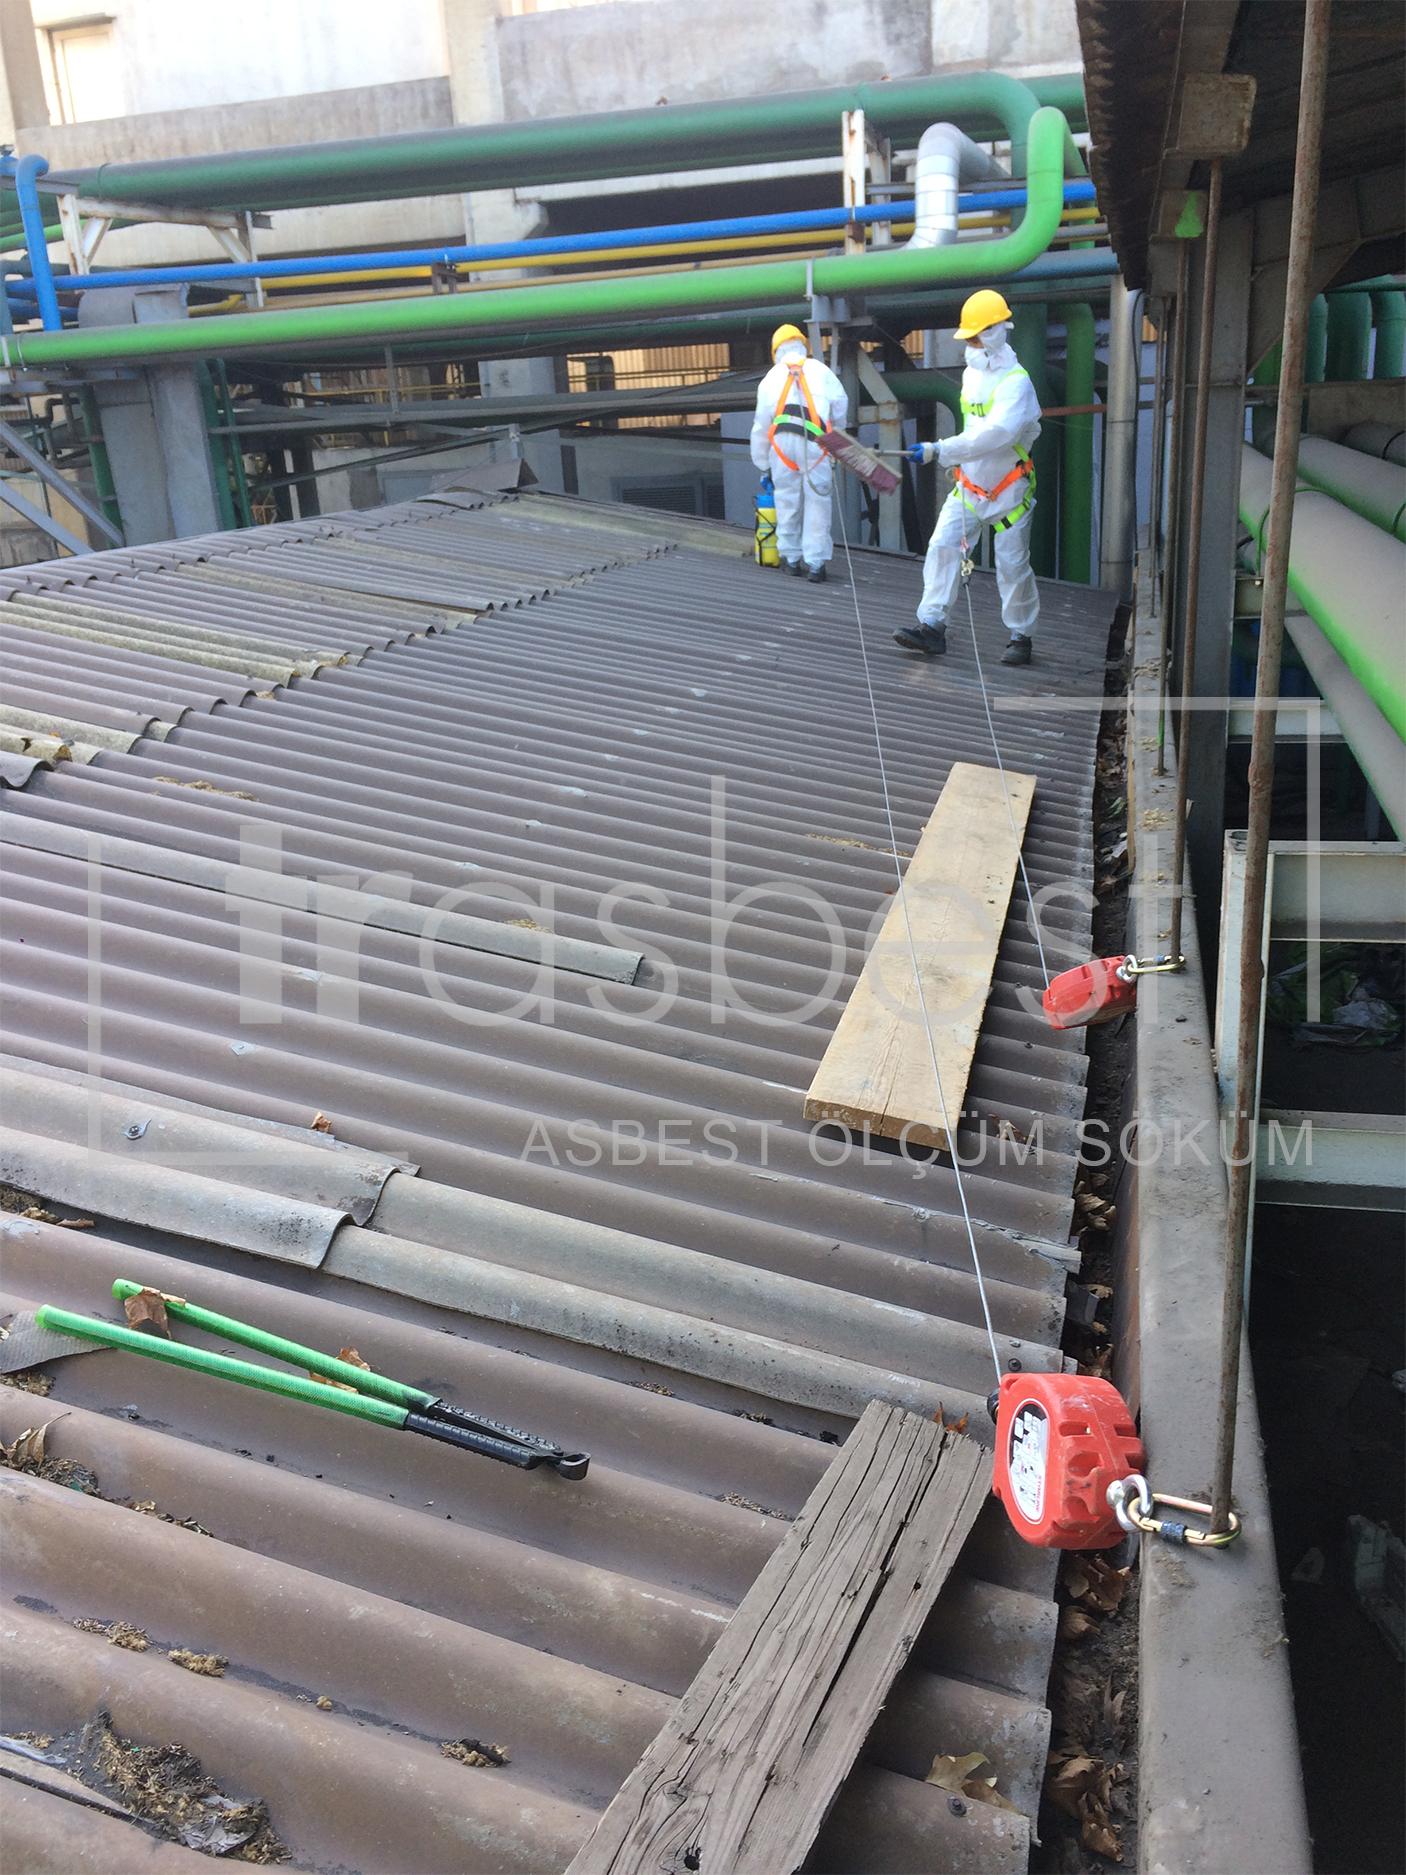 Çelik Fabrikası-Asbest Söküm Bertaraf